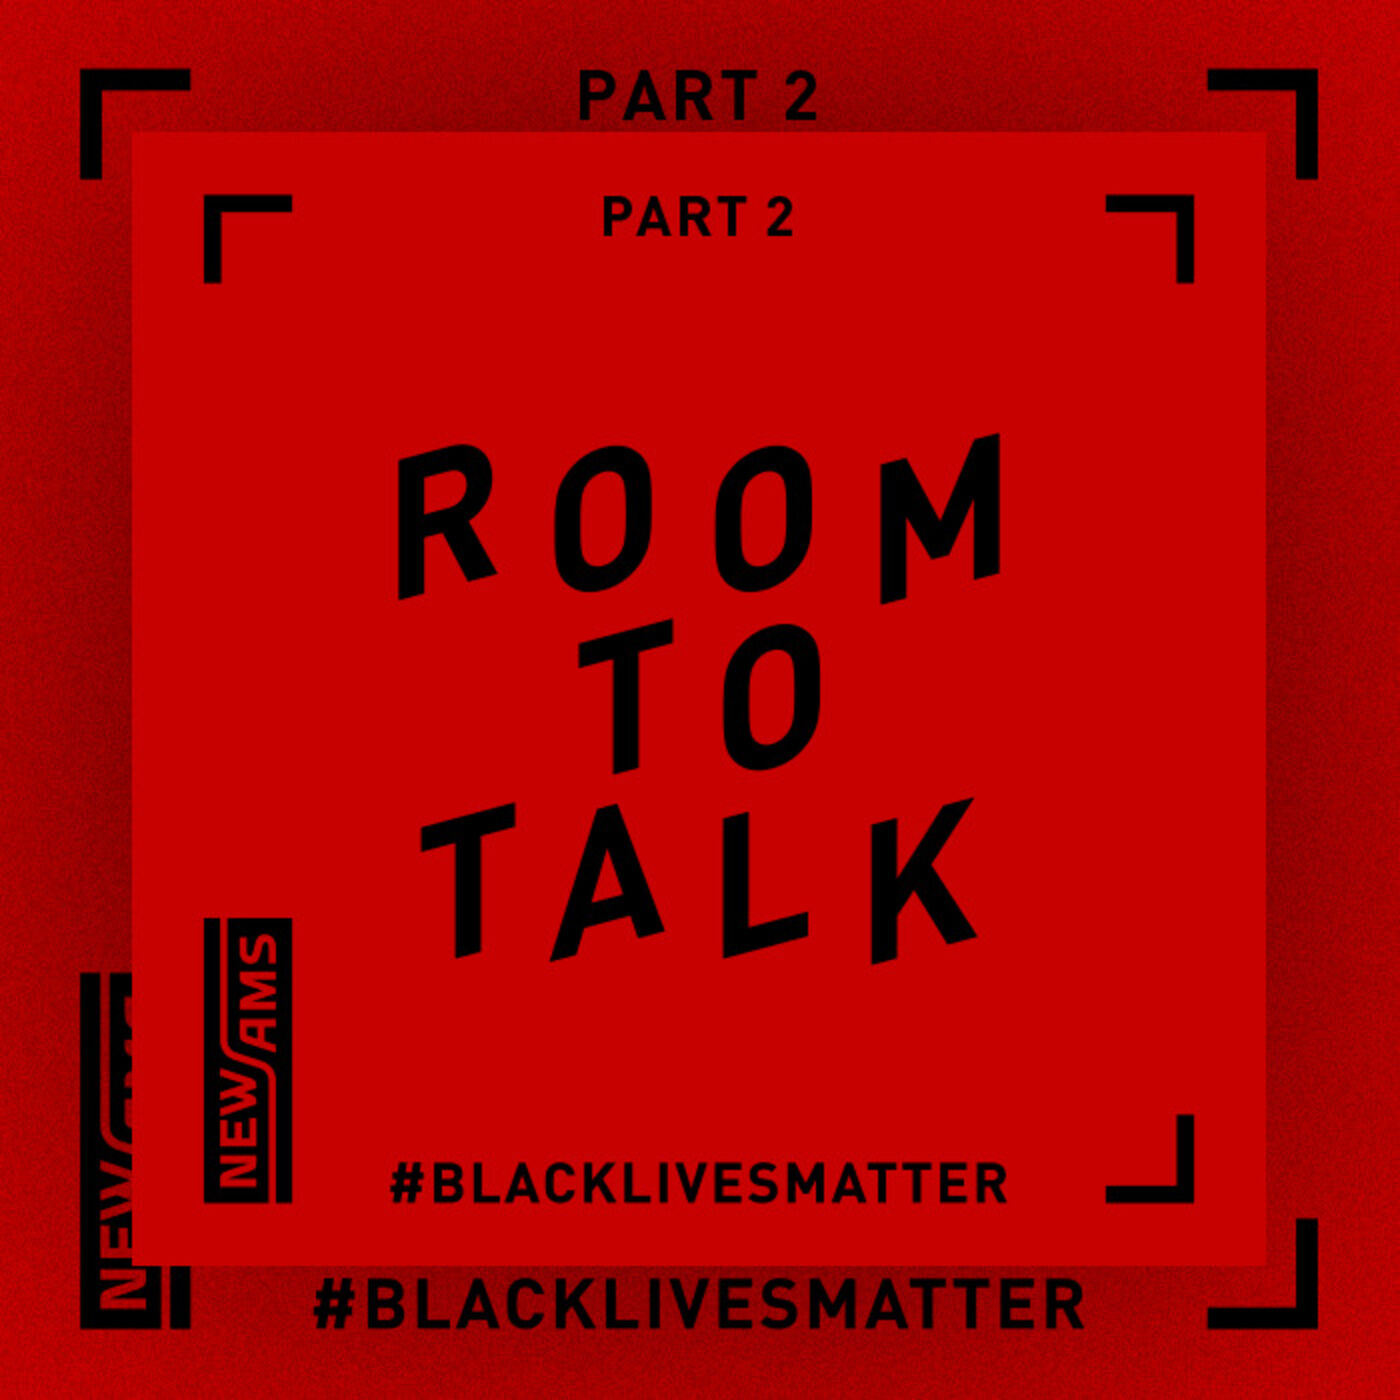 Room to Talk: Black Lives Matter Part 2